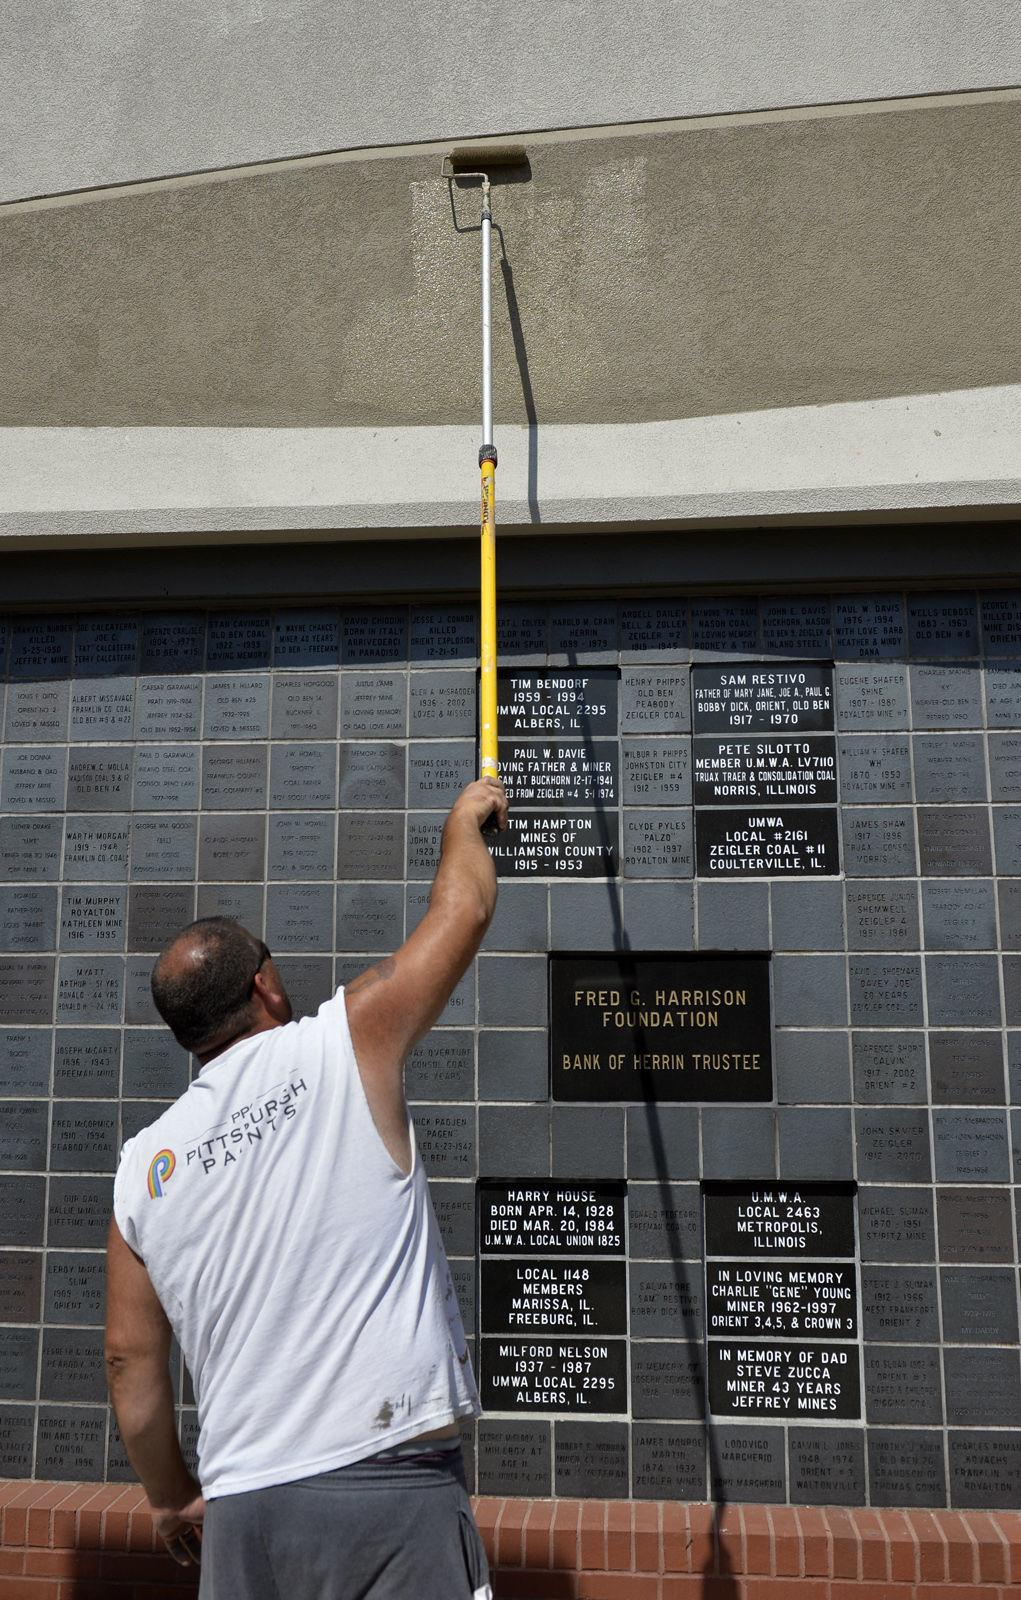 072818-nws-miners-memorial-2.jpg